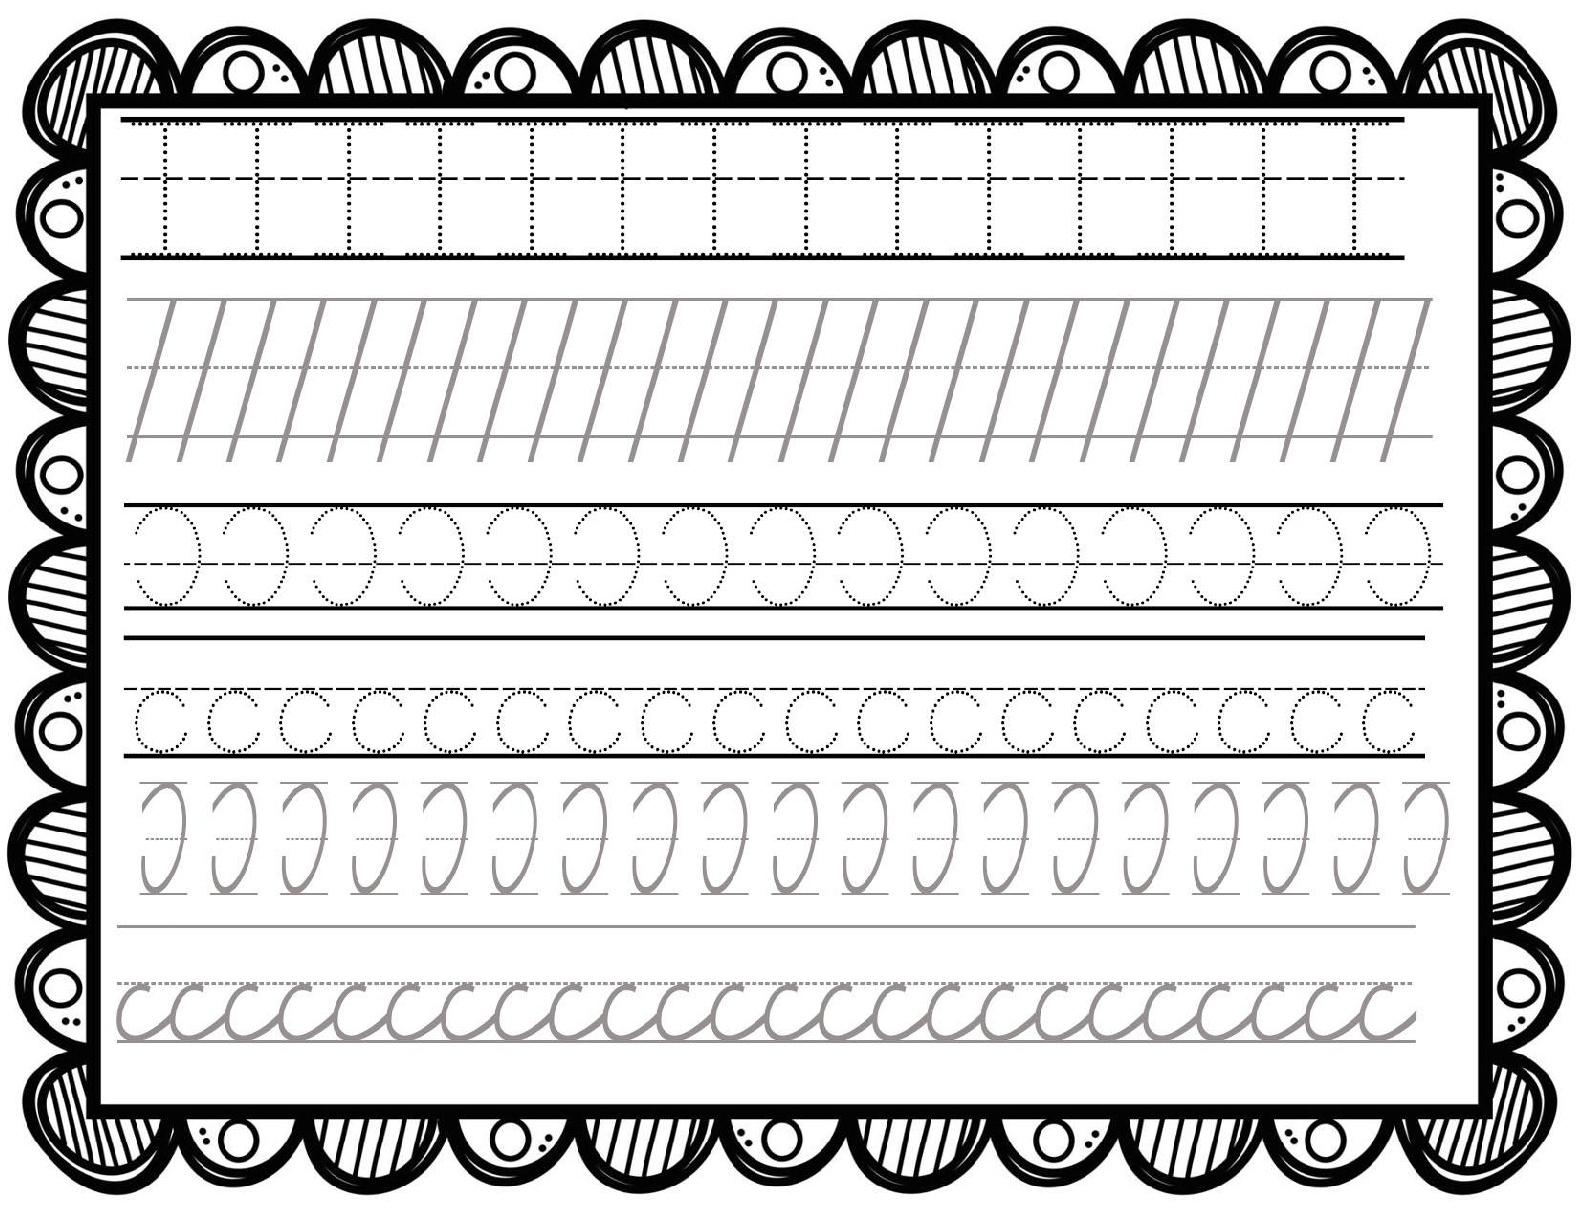 librito-practico-para-el-comienzo-de-la-escritura-en-infantil-o-preescolar-7